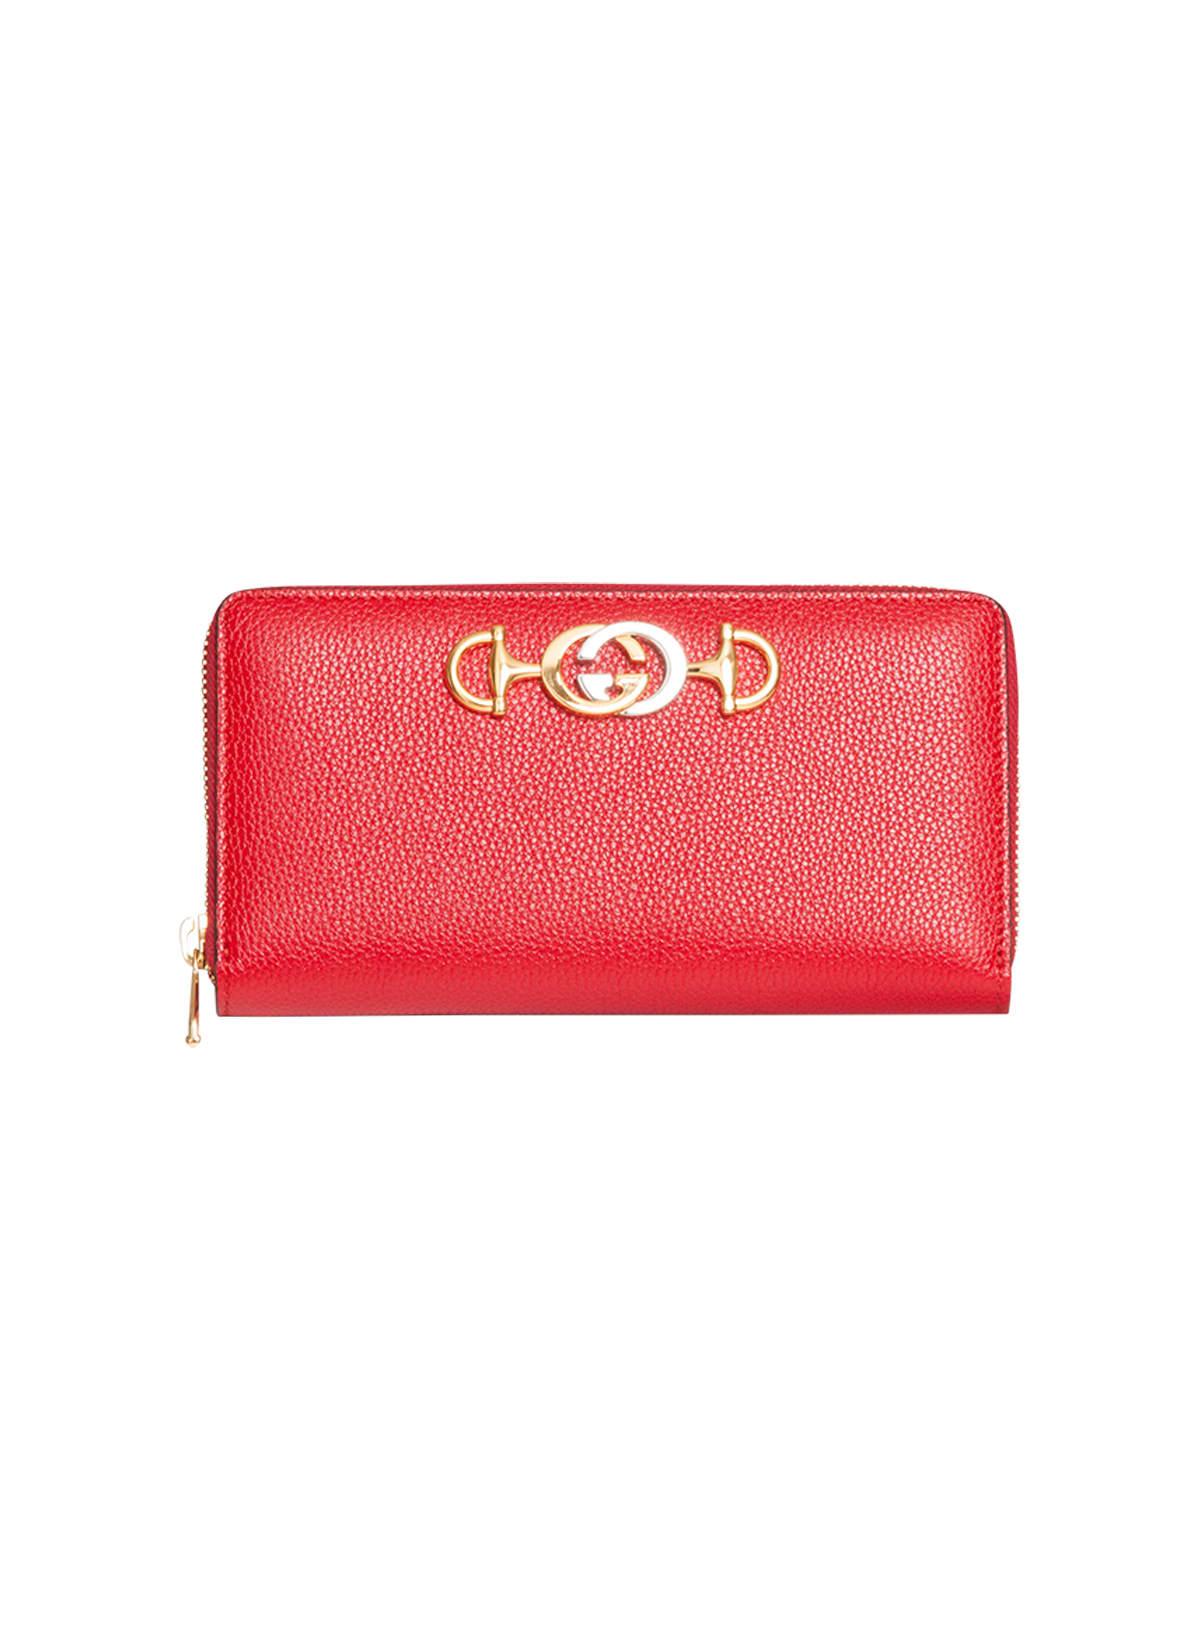 Gucci Zumi Zipped Wallet